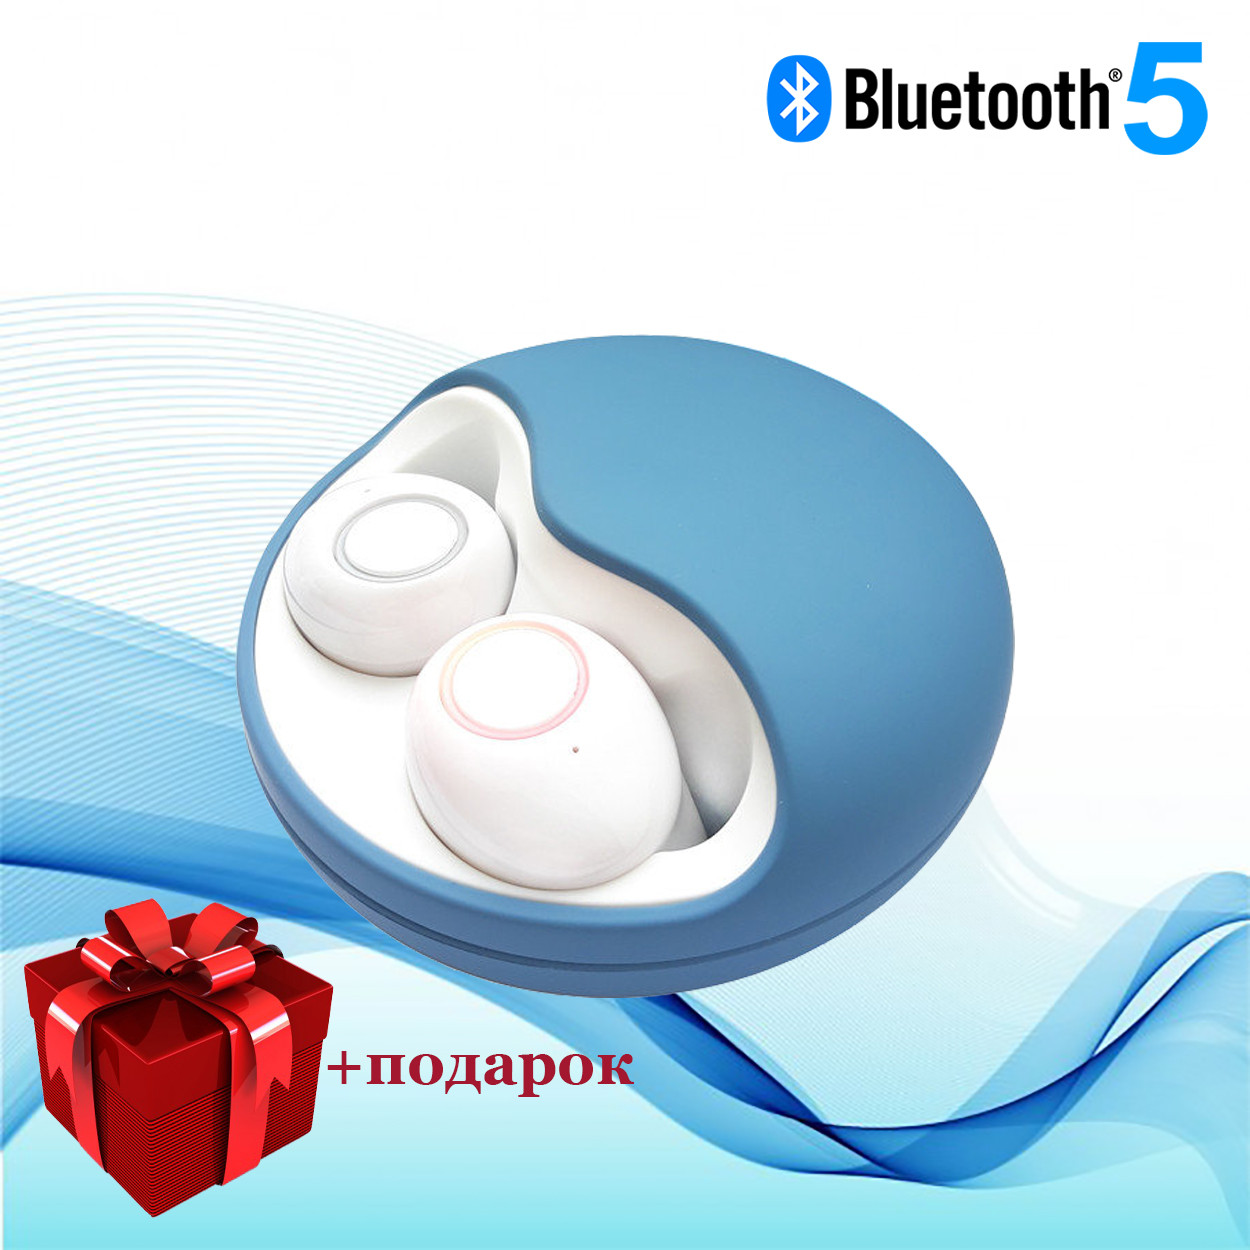 Бездротові Bluetooth-навушники безпровідні із зарядним чохлом-кейсом Wi-pods K10 Bluetooth 5.0 Сині.